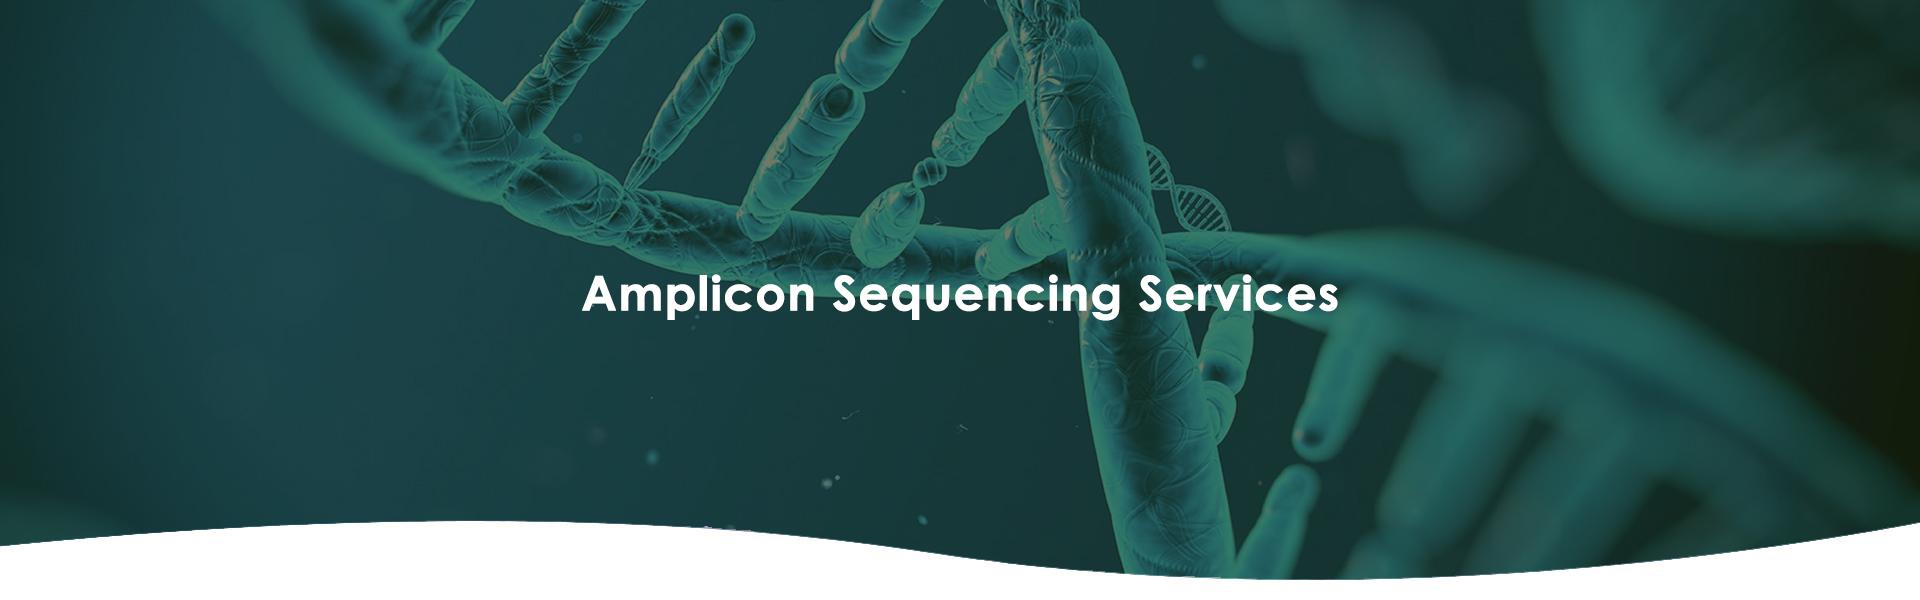 Amplicon Sequencing